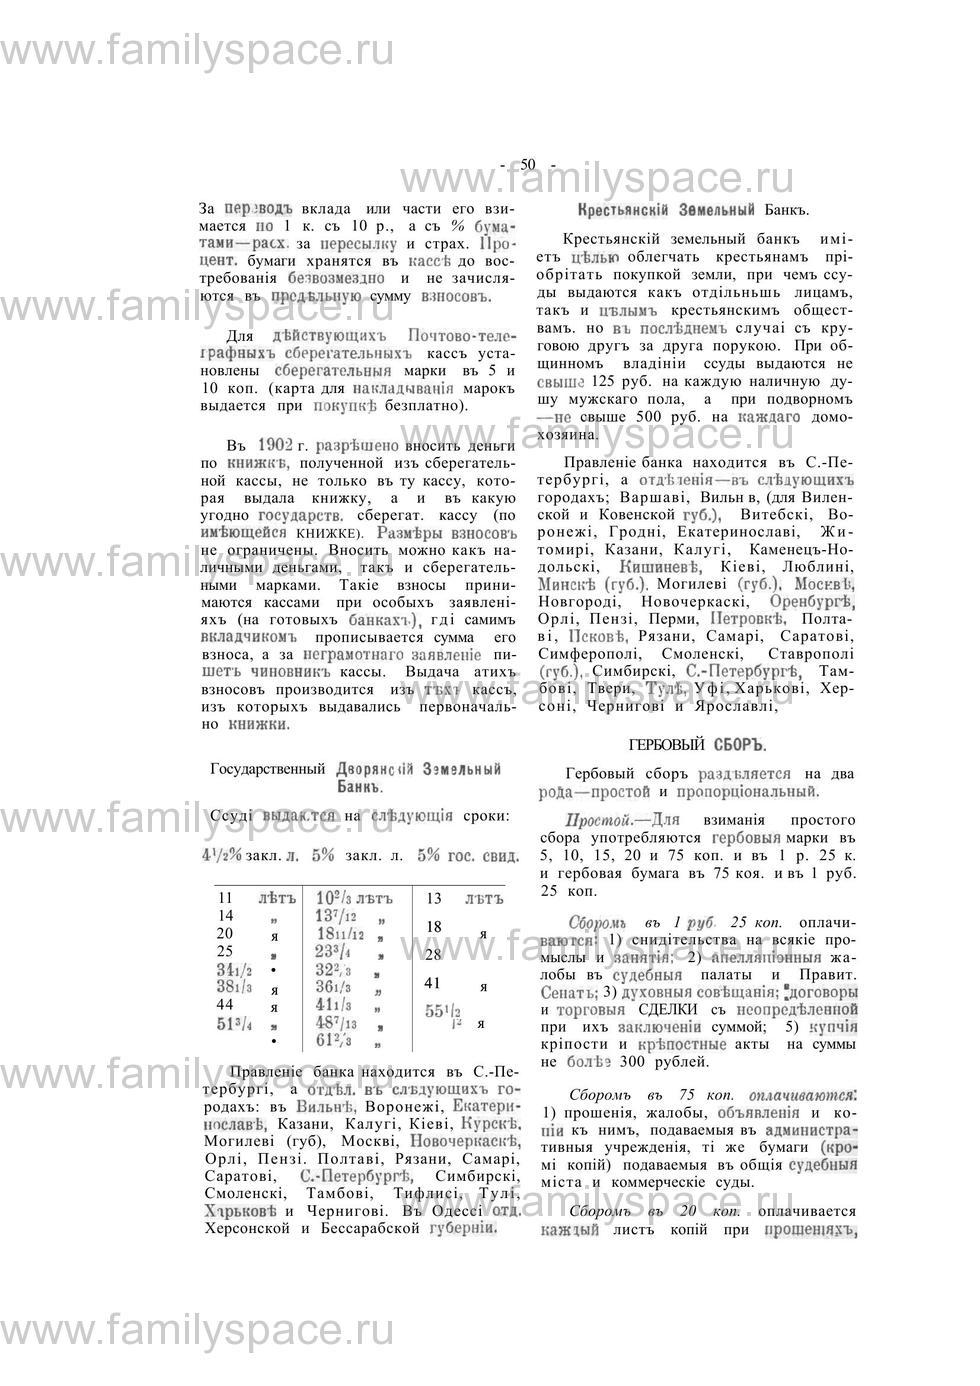 Поиск по фамилии - Екатеринославский адрес-календарь на 1913 год, страница 2050